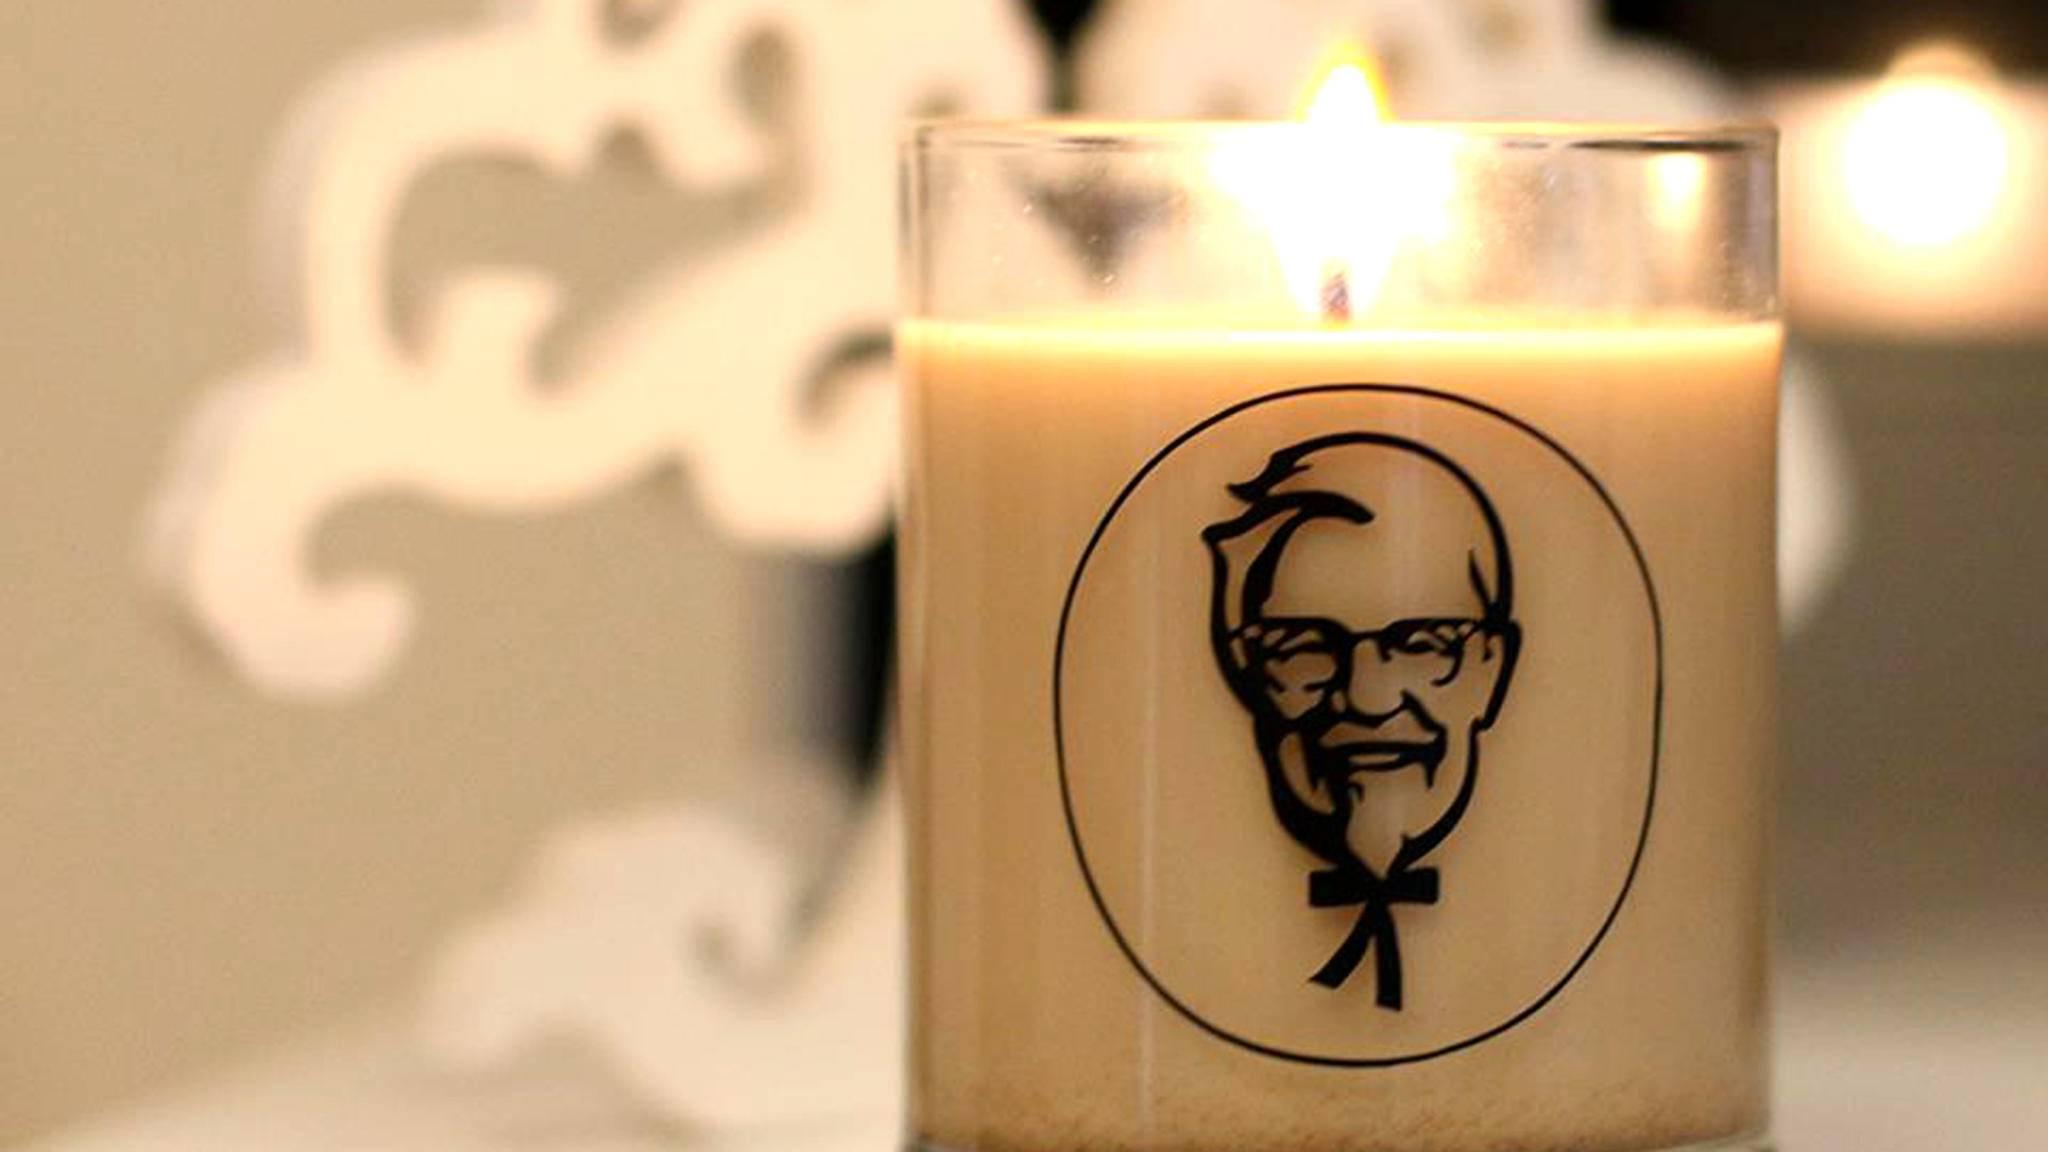 Der Colonel grinst und es duftet nach Brathähnchen: So stellt sich KFC Gemütlichkeit vor.